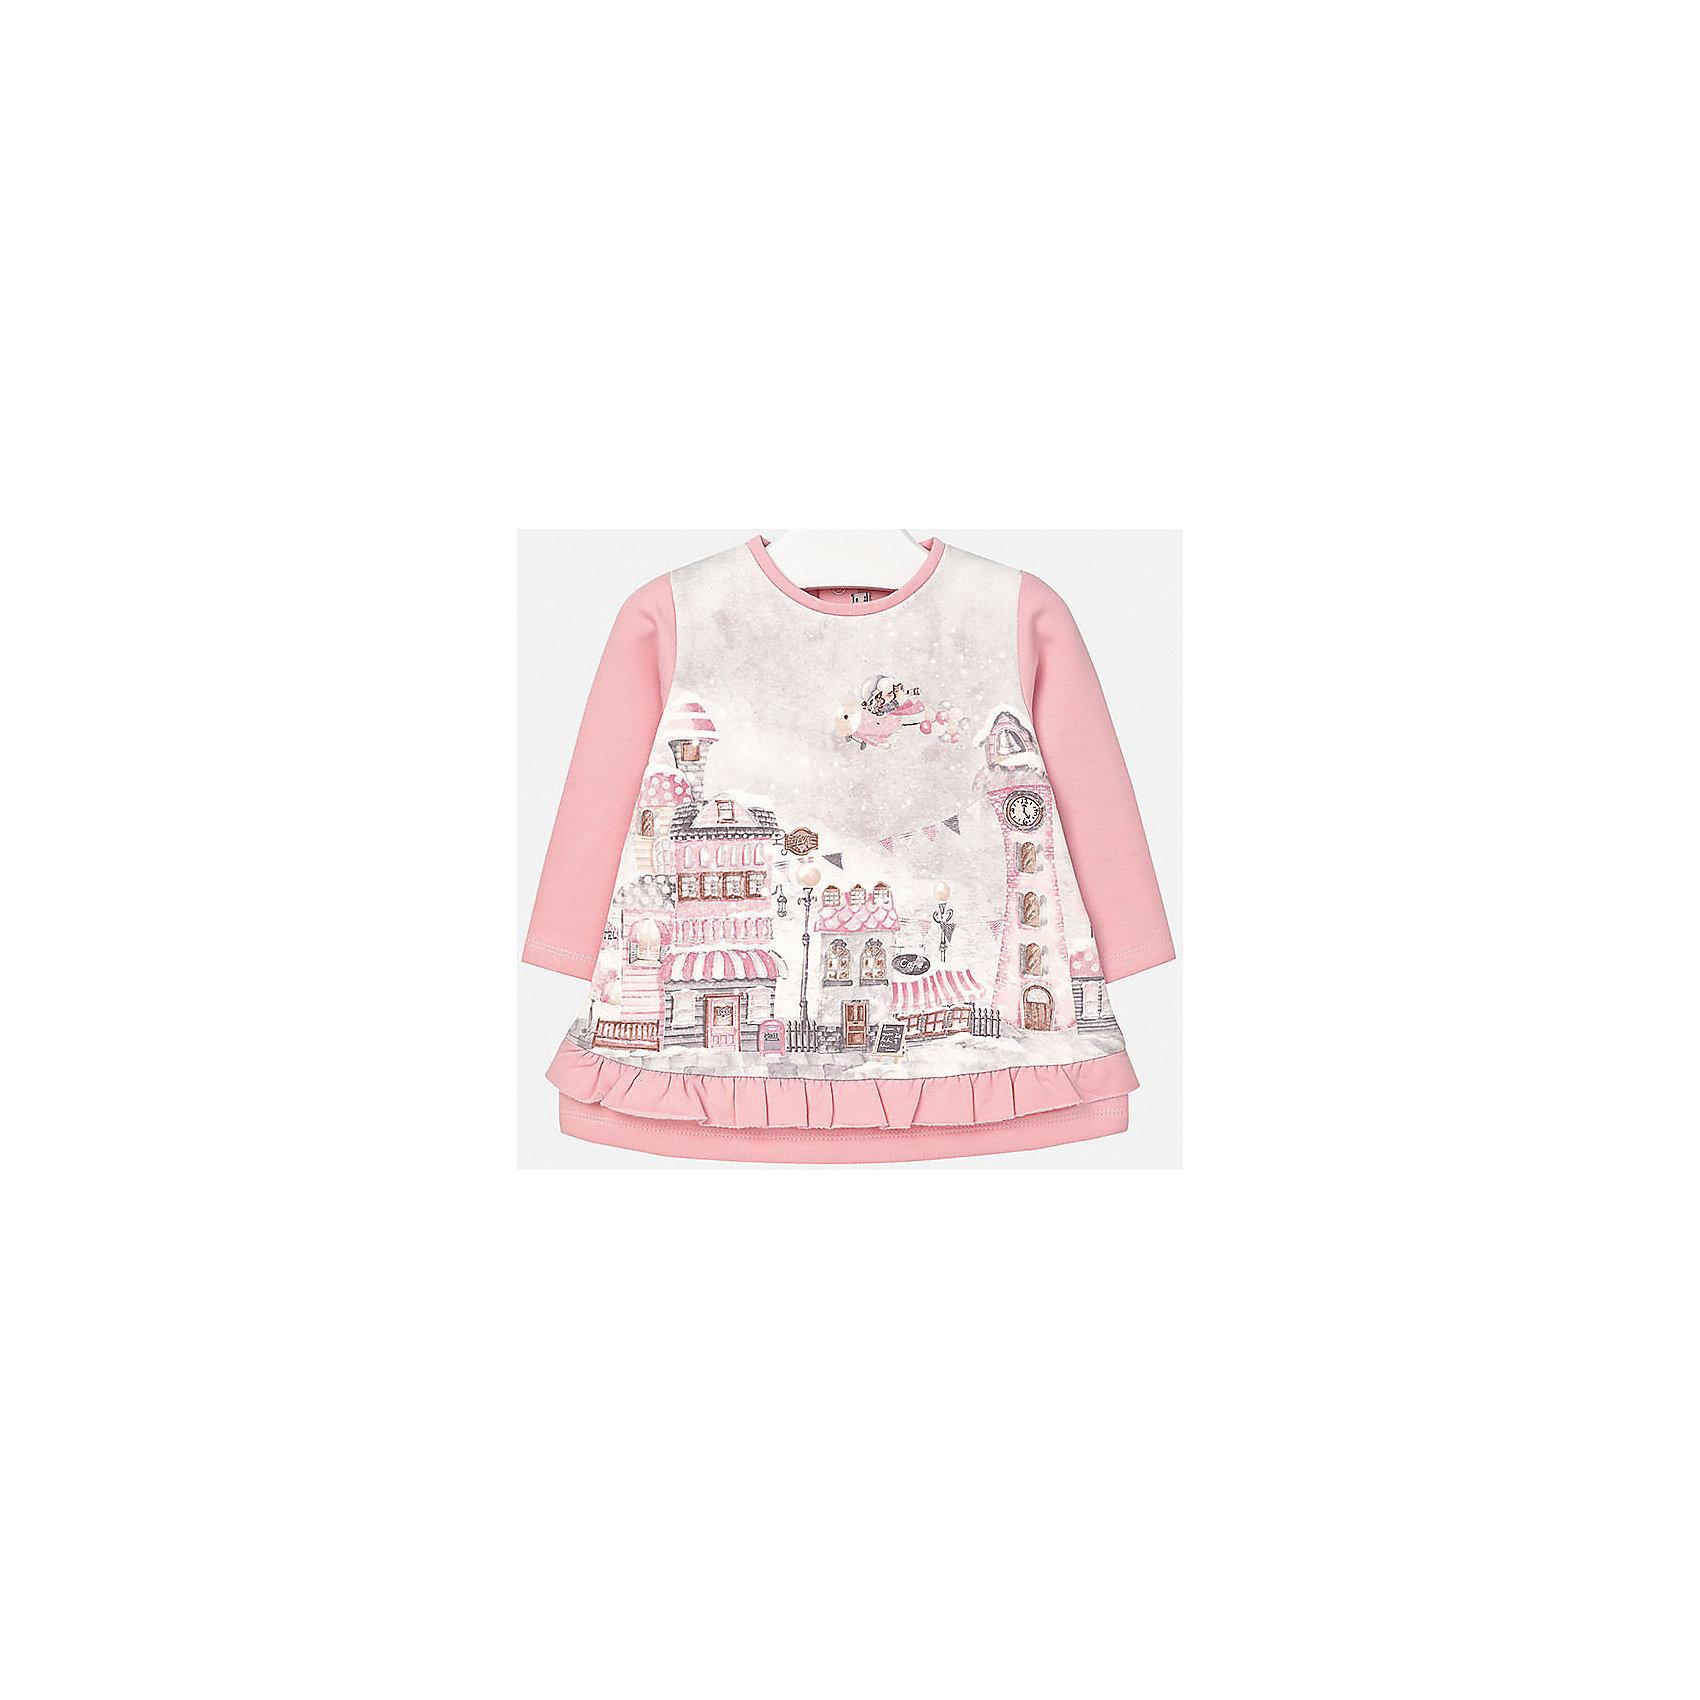 Платье для девочки MayoralПлатье розового цвета торговой марки    Майорал -Mayoral  для девочек. Трикотажное платье с длинным рукавом выполнено из смешанного трикотажа (хлопок + эластан), украшено розово-сиреневым городком. Застегивается платье на две пуговицы на спине.<br><br>Дополнительная информация: <br><br>-цвет: розово-сиреневым<br>-состав: хлопок 95%,эластан 5%<br>-вырез горловины: округлый<br>-длина рукава: длинные<br>-вид застежки: кнопки<br>-длина изделия: по спинке: 38 см<br>-покрой: прямой<br>-фактура материала: трикотажный<br>-длина юбки: миди<br>-тип карманов: без карманов<br>-уход за вещами: бережная стирка при 30 градусах<br>-назначение: повседневная<br>-конструктивные элементы: без разреза<br>-сезон: круглогодичный<br>-пол: девочки<br>-страна бренда: Испания<br>-страна производитель: Китай<br>-комплектация: платье<br><br>Платье для девочки торговой марки Mayoral можно купить в нашем интернет-магазине.<br><br>Ширина мм: 236<br>Глубина мм: 16<br>Высота мм: 184<br>Вес г: 177<br>Цвет: фиолетовый<br>Возраст от месяцев: 12<br>Возраст до месяцев: 15<br>Пол: Женский<br>Возраст: Детский<br>Размер: 80,92,86,74<br>SKU: 4846347